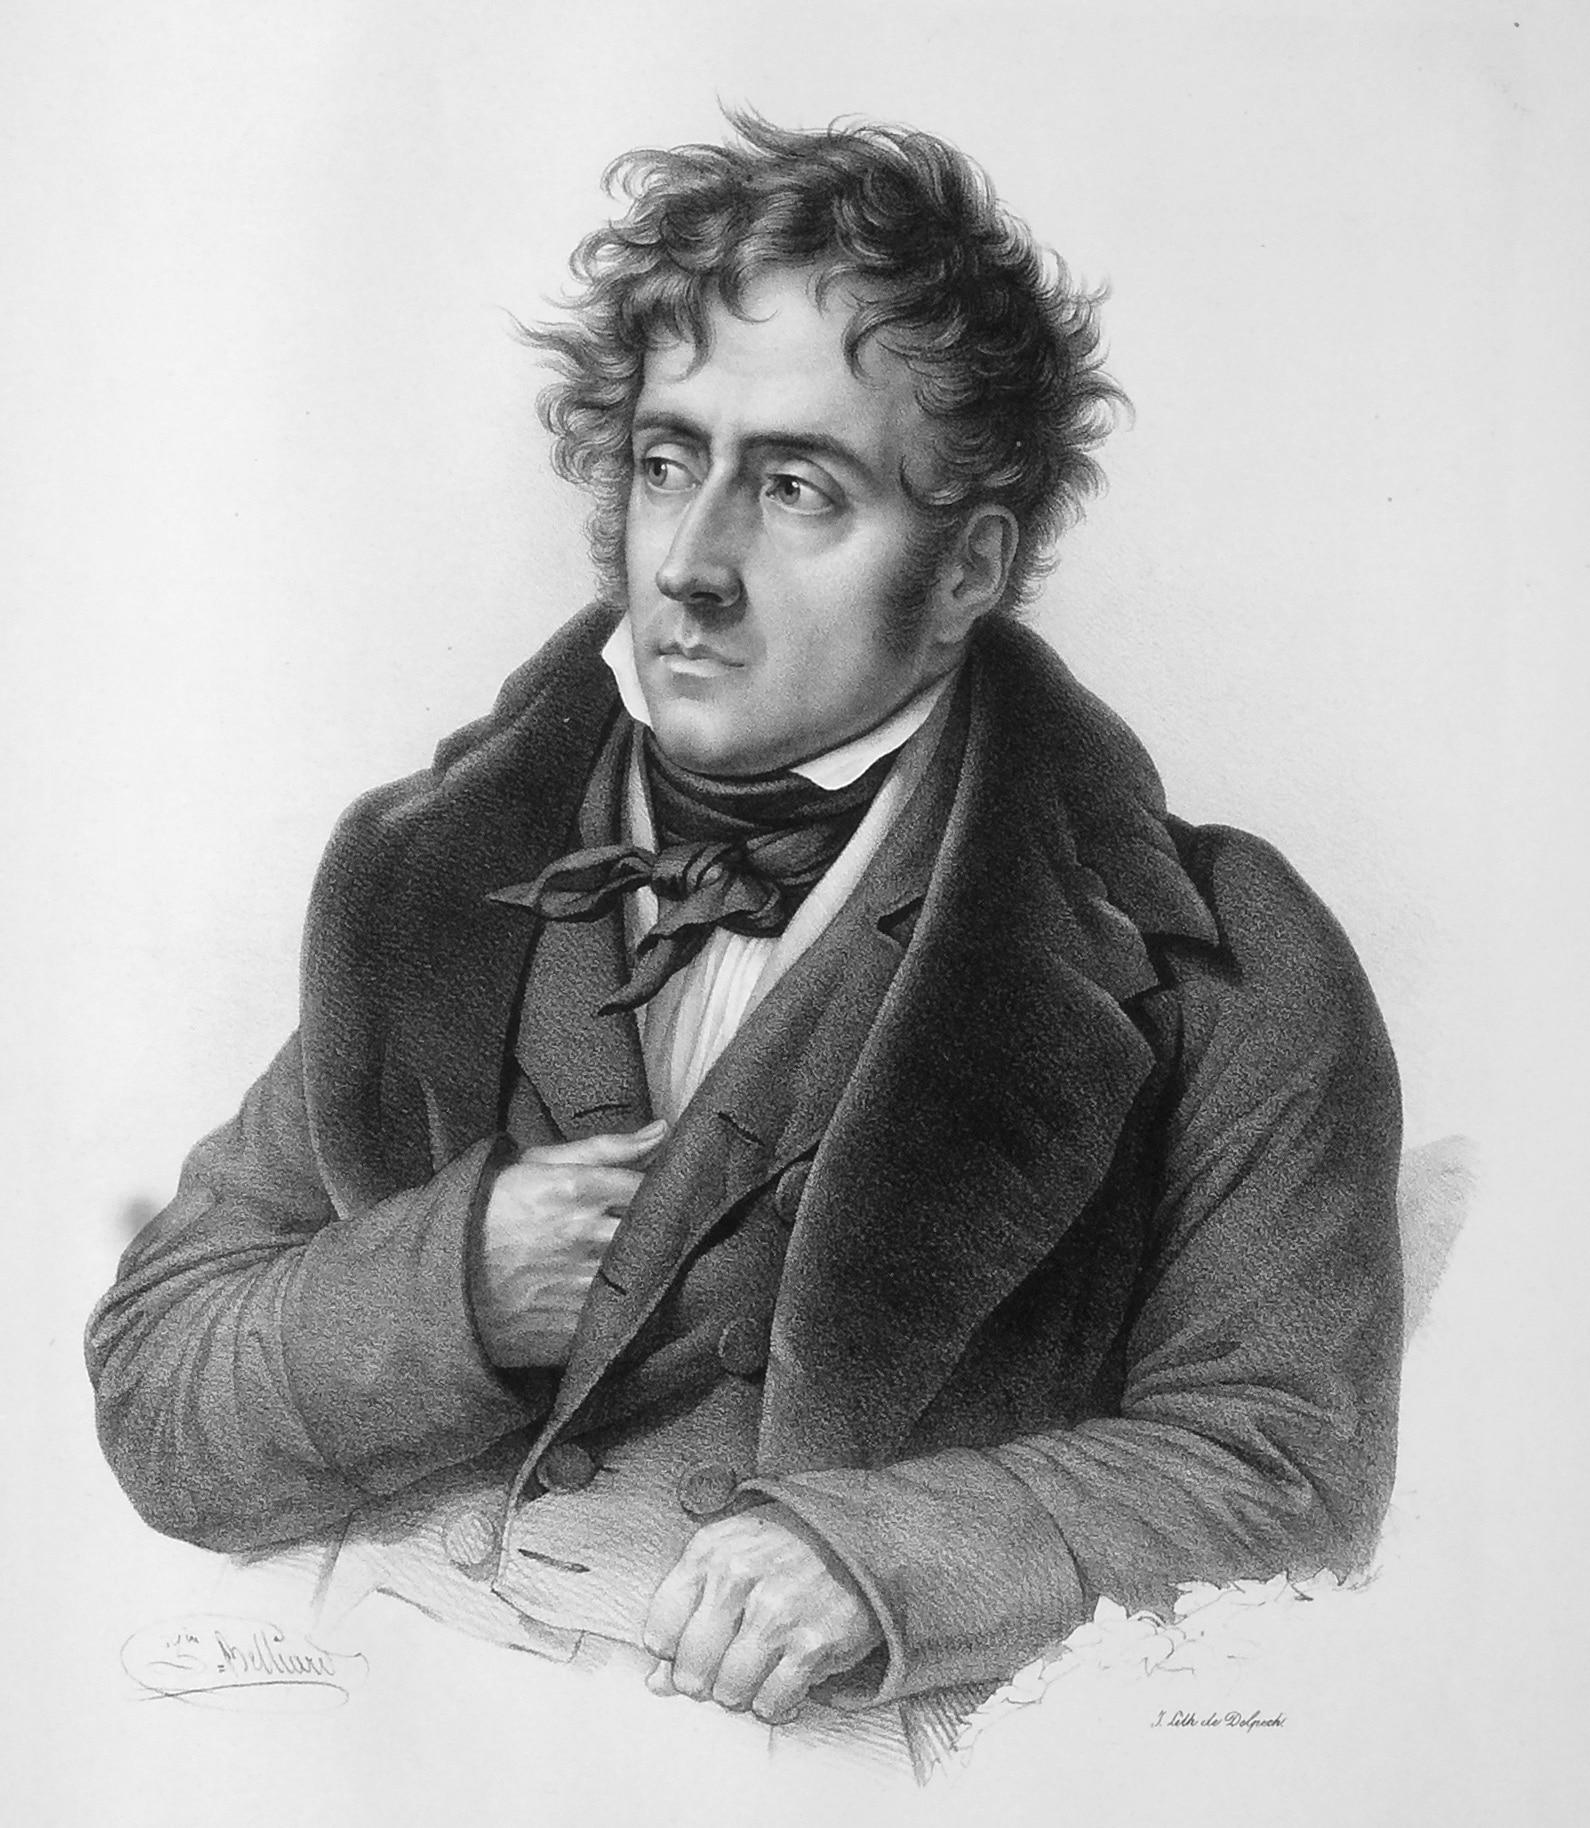 Claude Arnaud, Portraits crachés : de Montaigne à Houellebecq